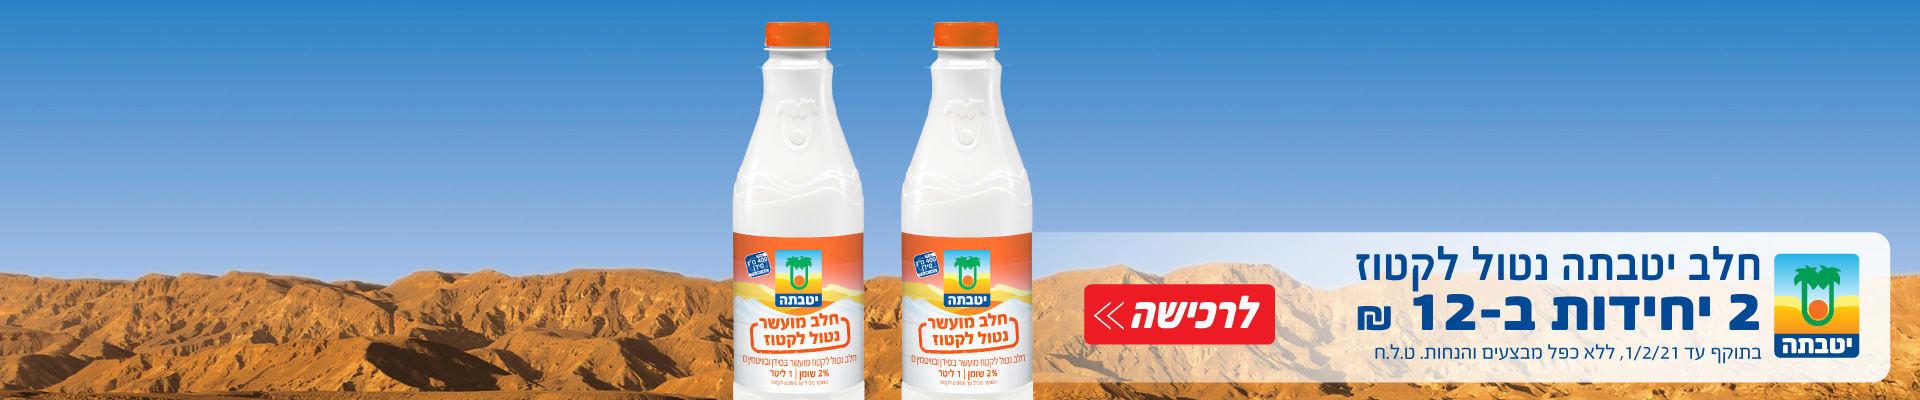 חלב יטבתה נטול לקטוז 2 יחידות ב- 12 ₪ בתוקף עד 1/2/21 ללא כפל מבצעים והנחות ט.ל.ח לרכישה